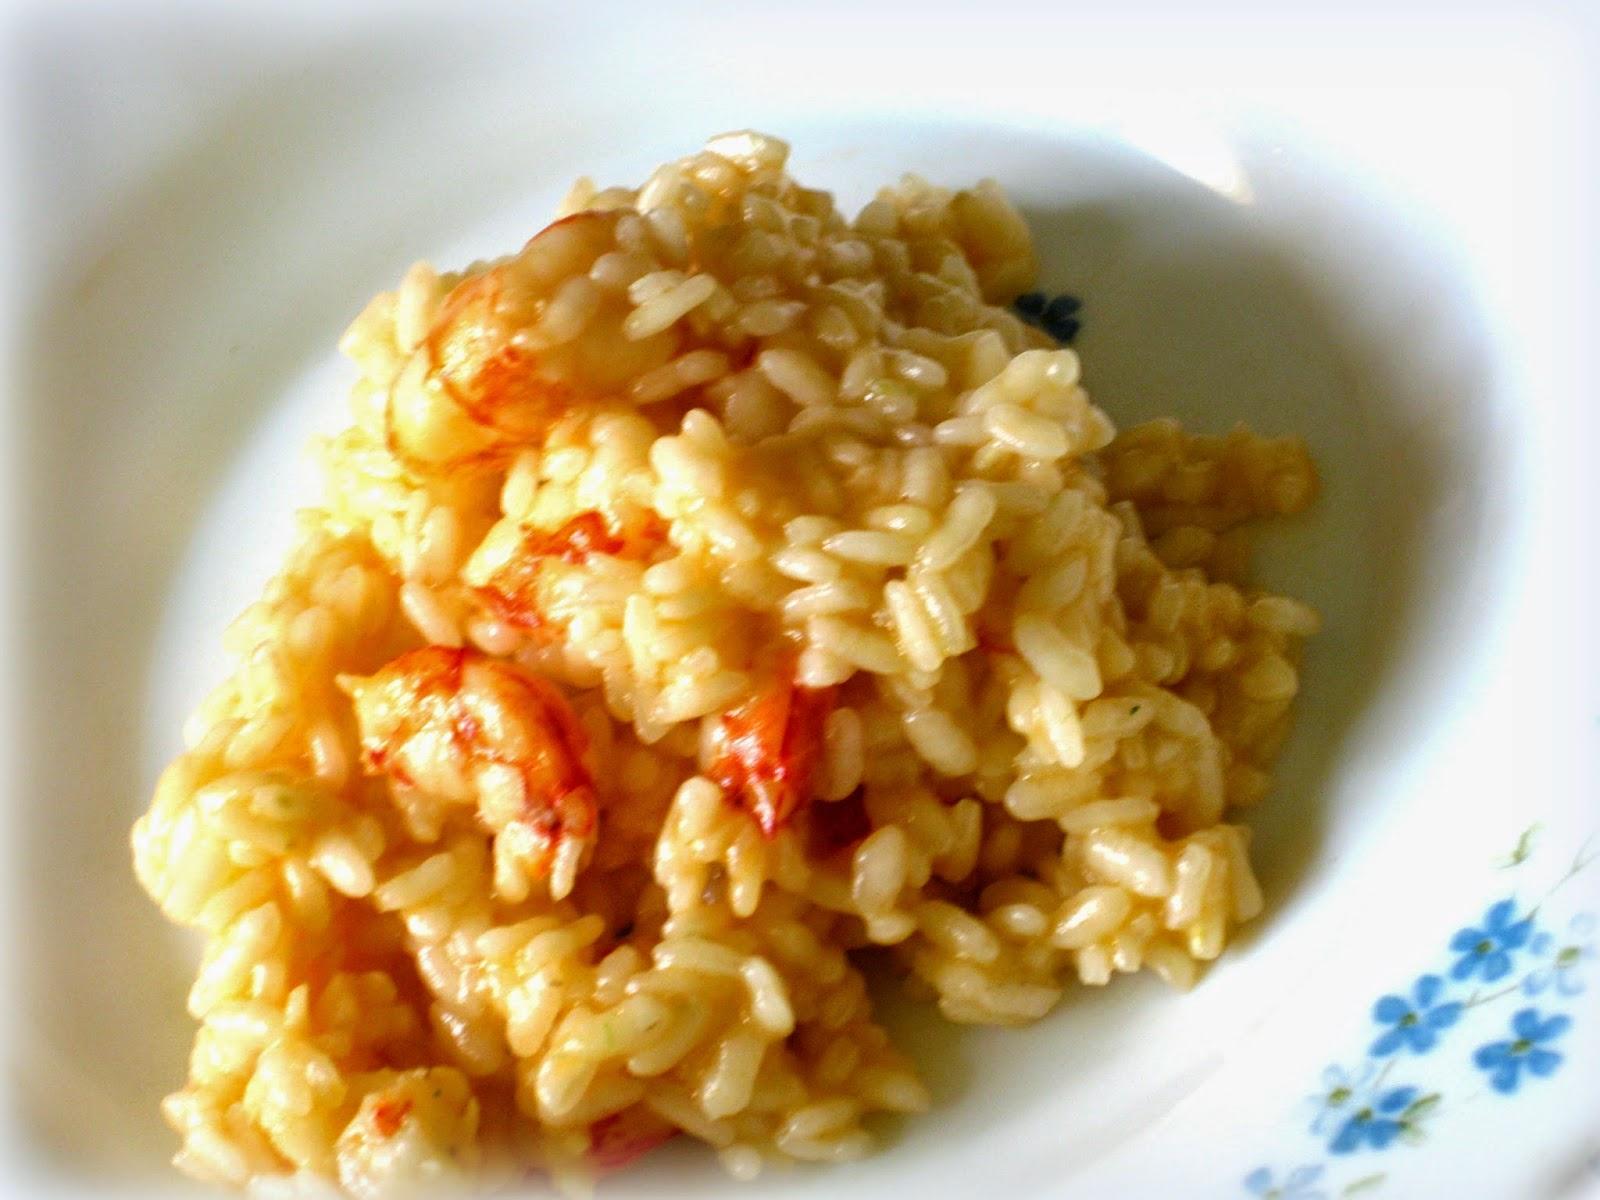 Oggi ricetta di un Risottino di pesce, piatto tipico della cucina italiana: Risotto ai Gamberoni.